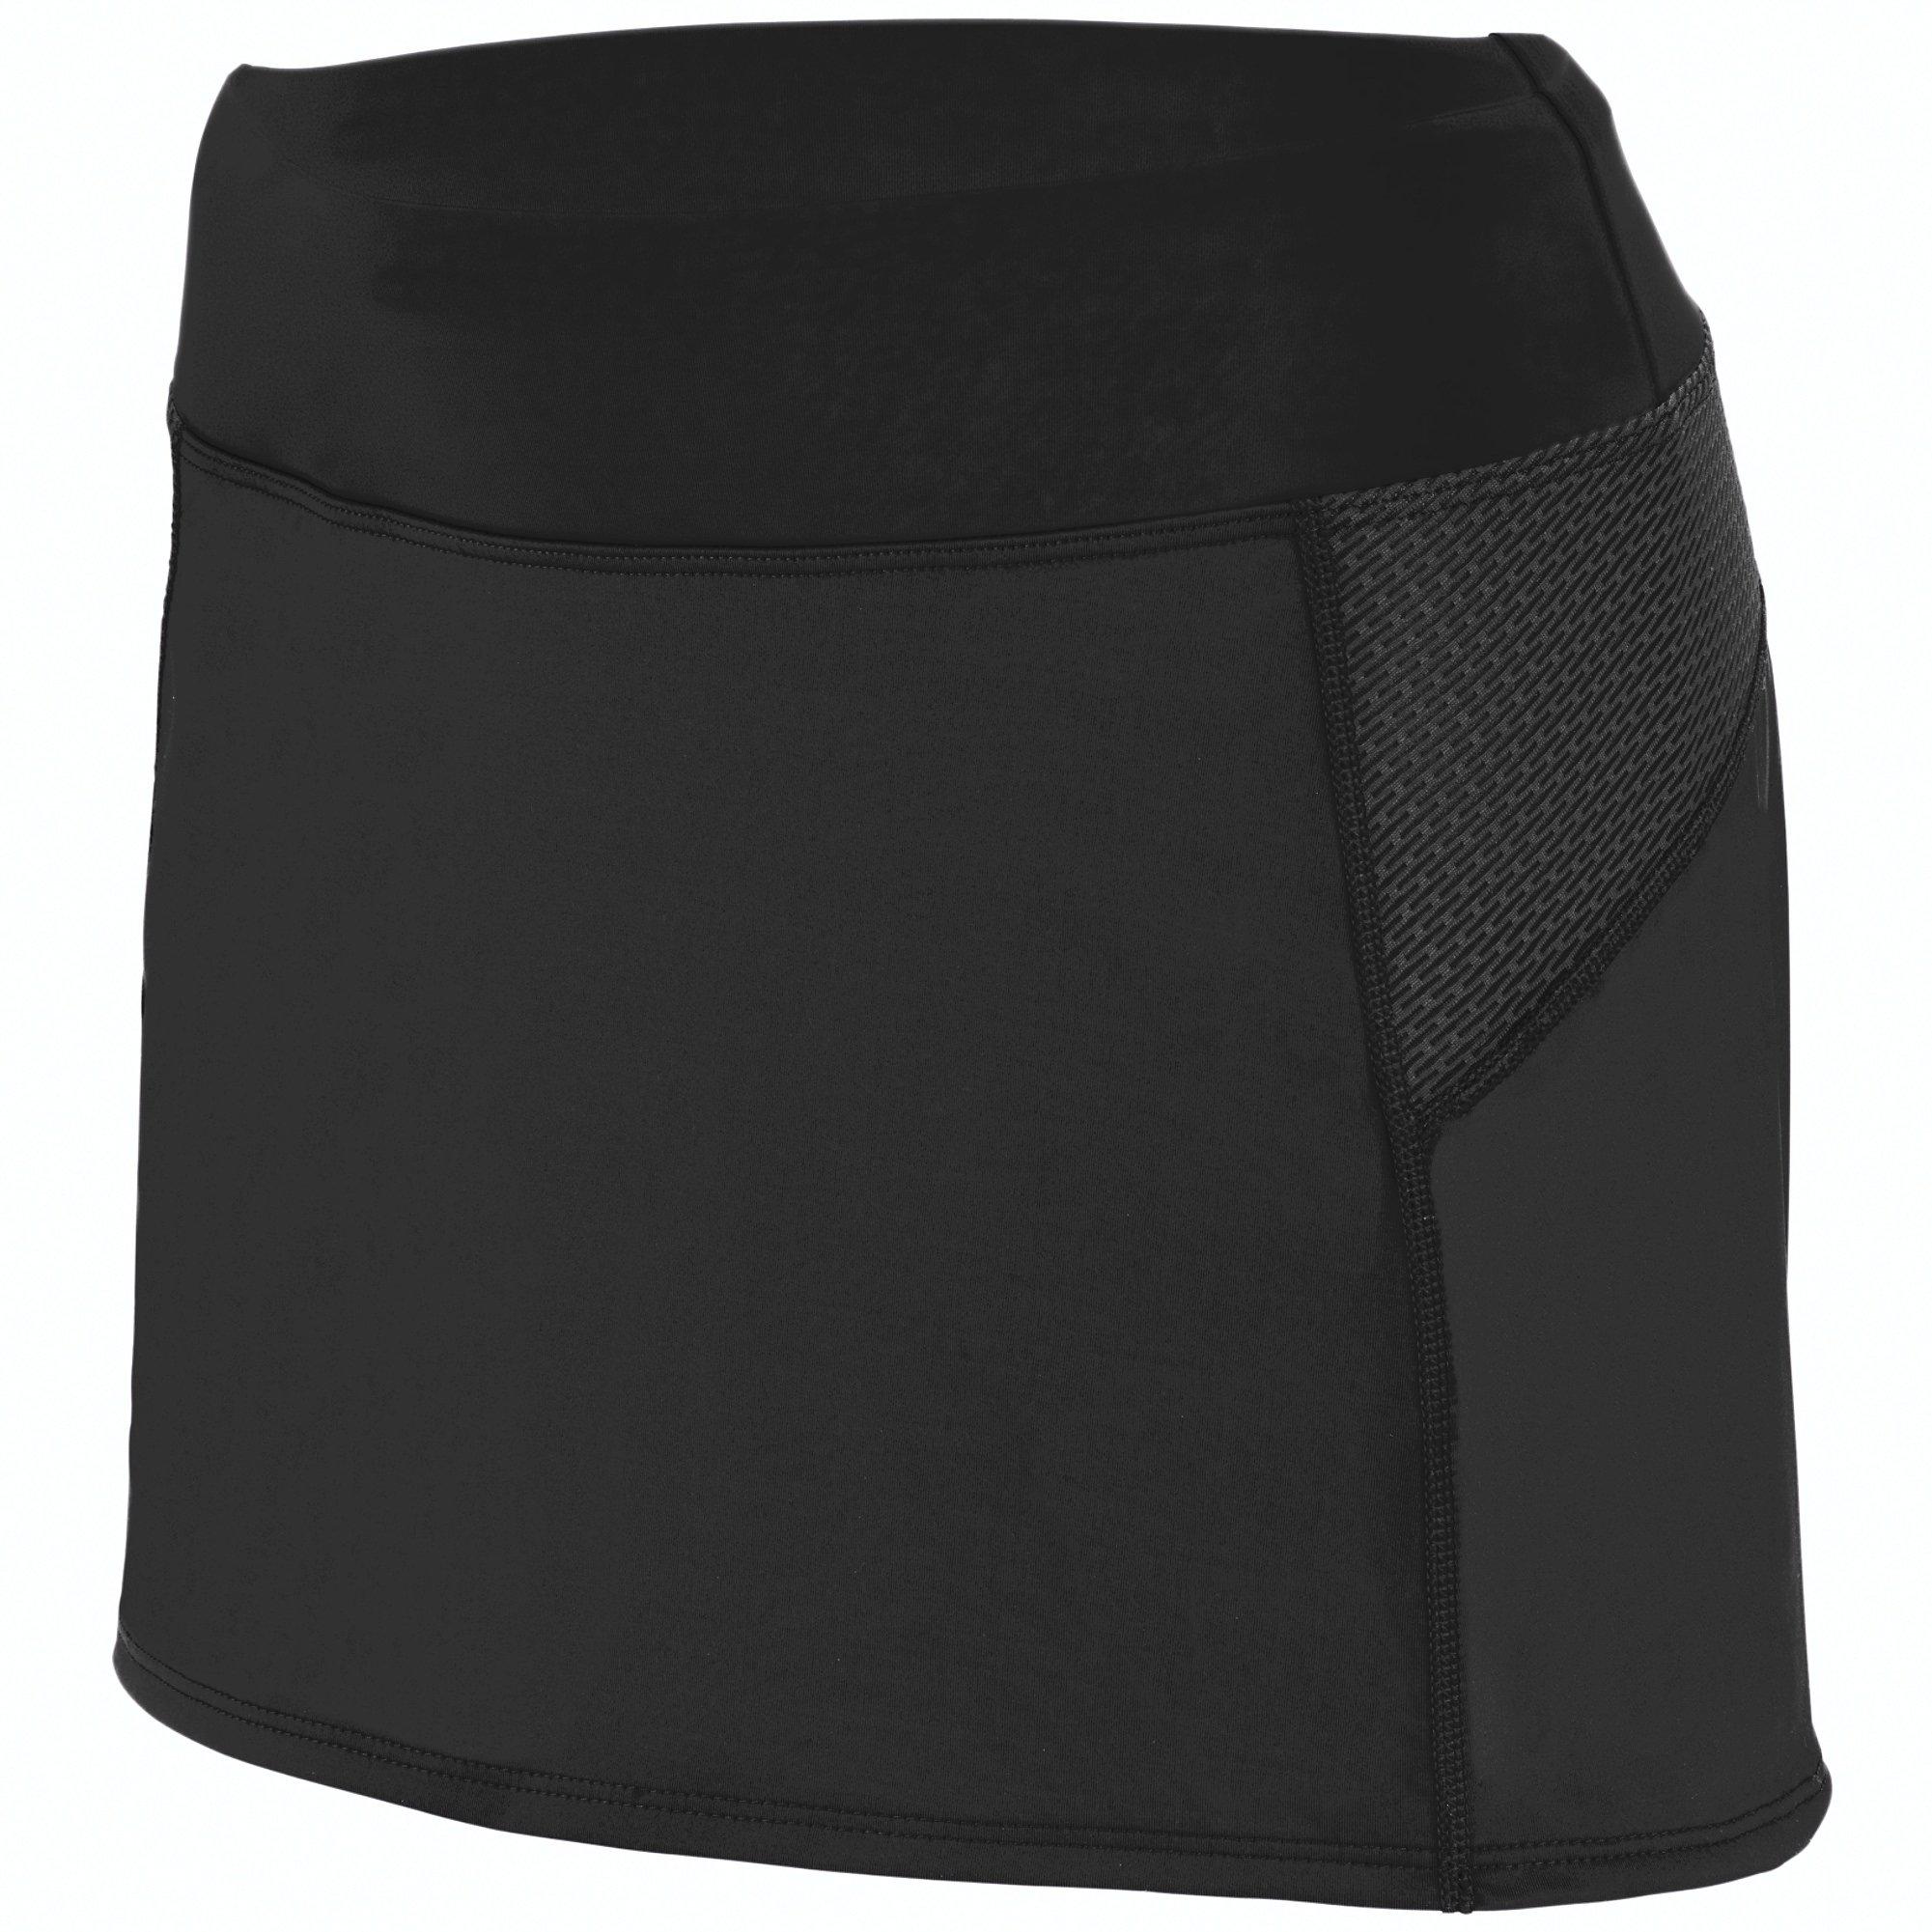 Augusta Sportswear Girls Femfit Skort S Black/Graphite by Augusta Sportswear